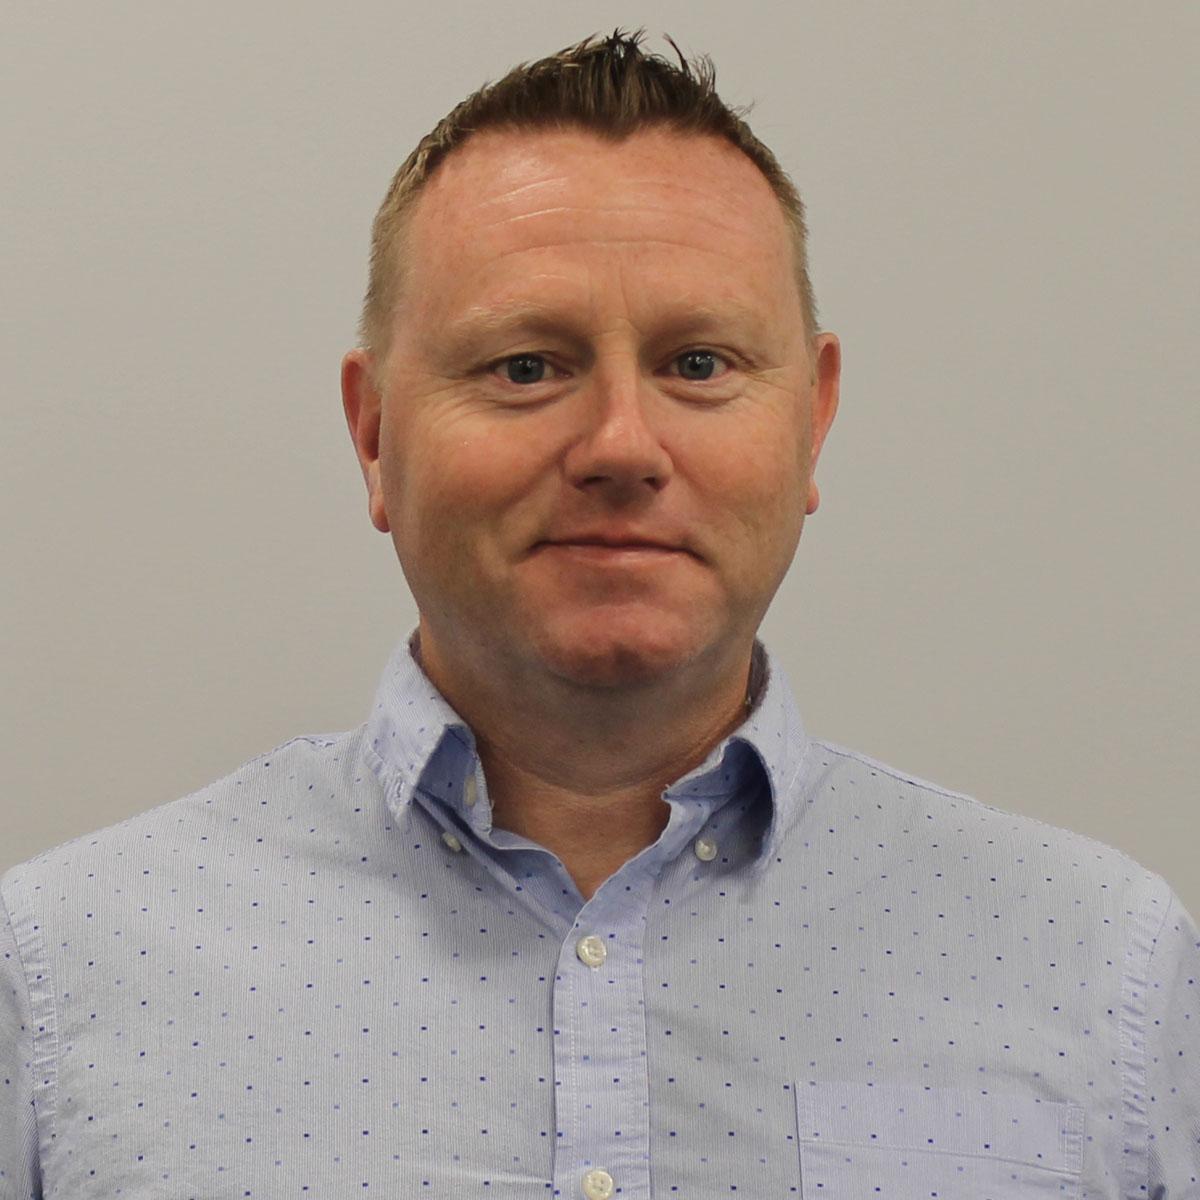 Nigel Doyle